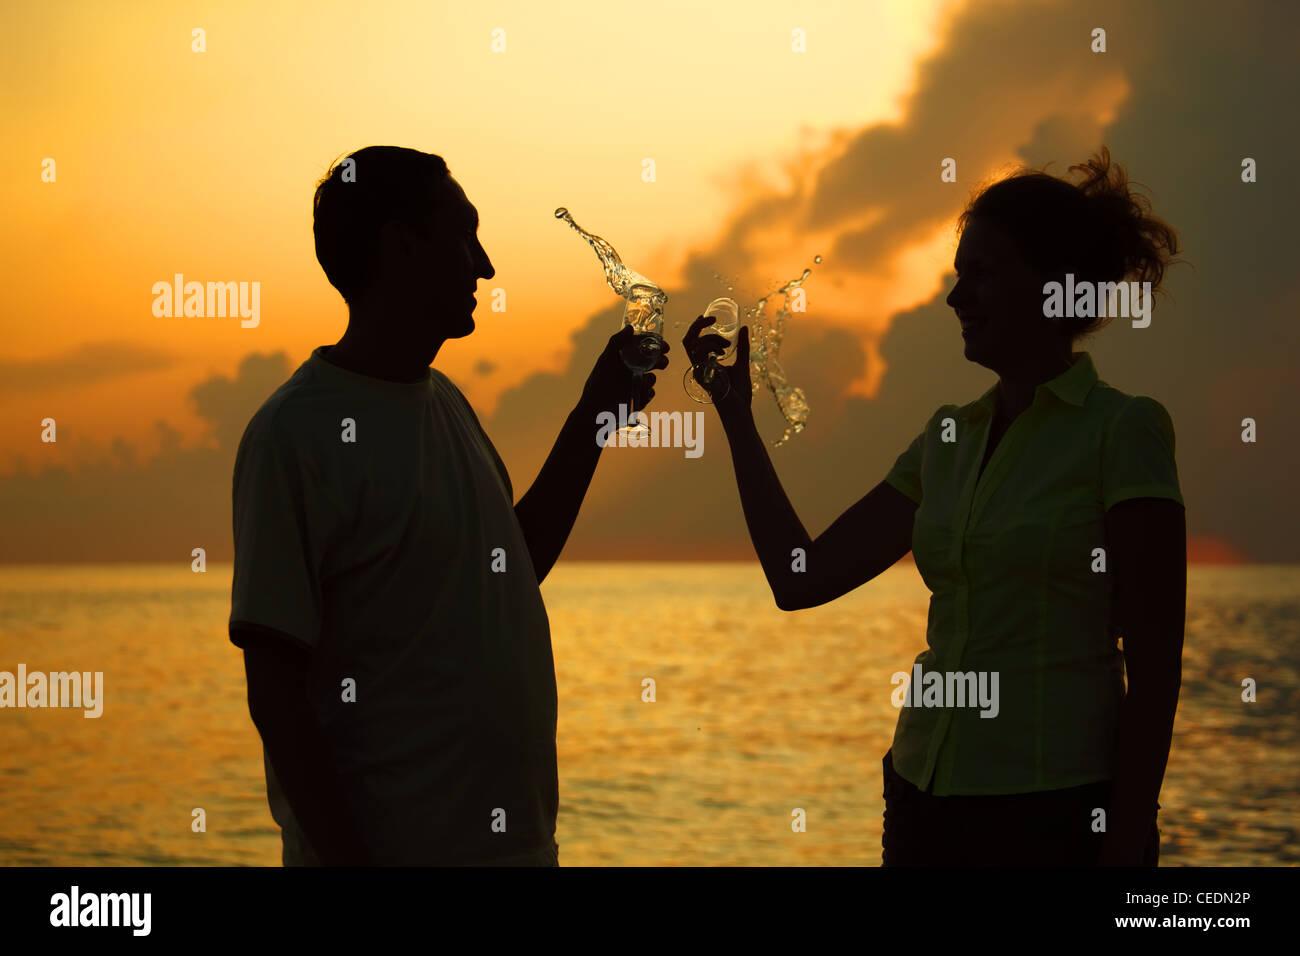 Hombre y mujer tintineo gafas. Toques de vino de gafas. Siluetas contra el mar. Imagen De Stock